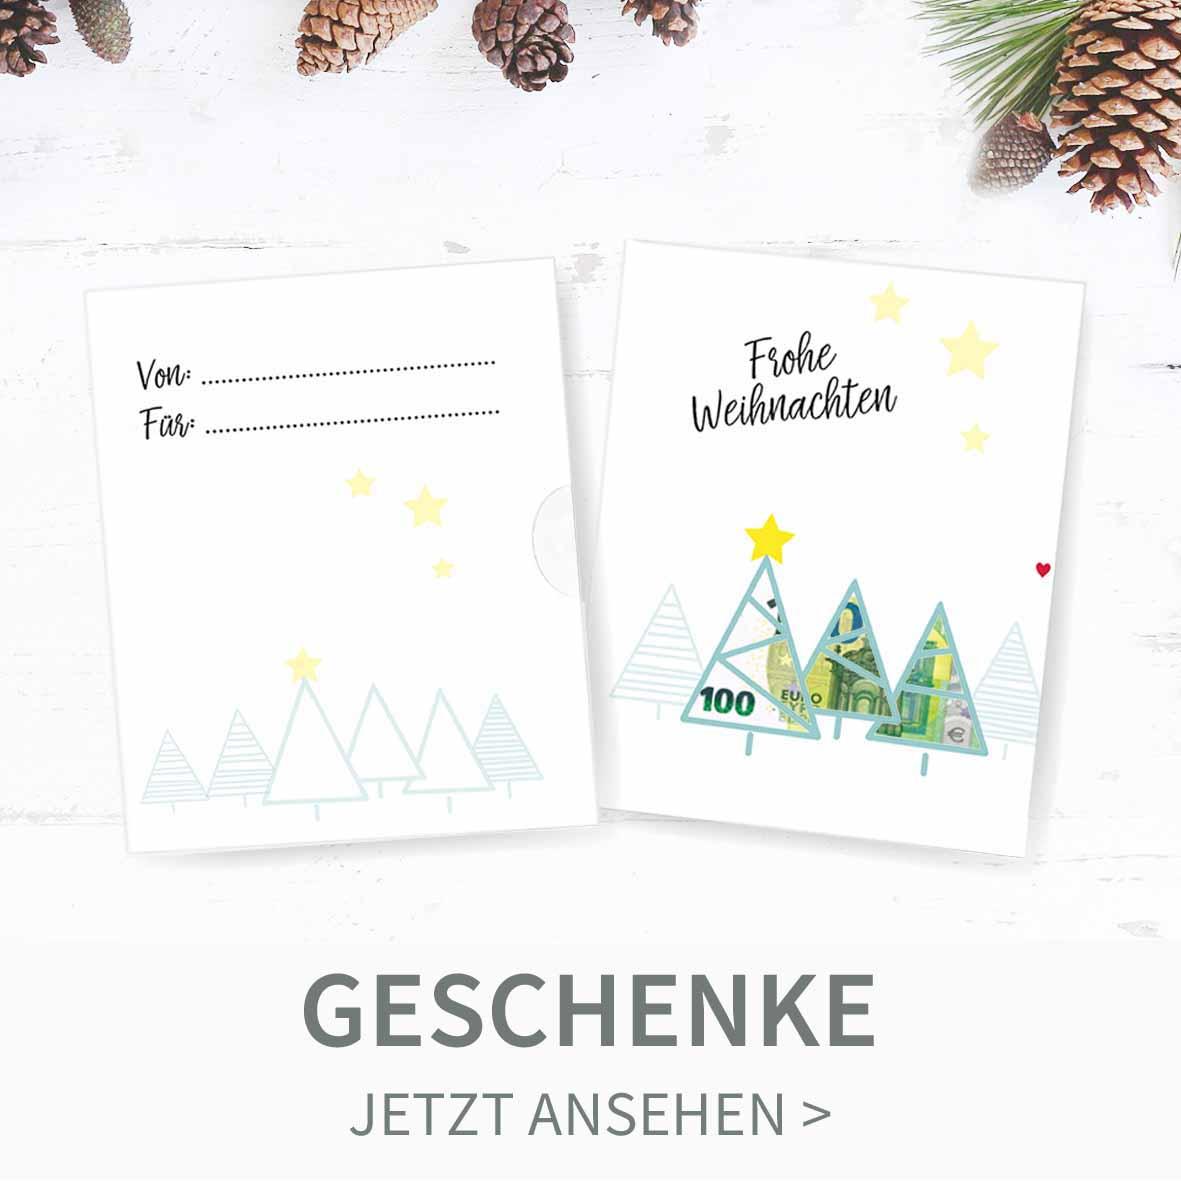 Druckvorlagen für DIY Weihnachtsgeschenke